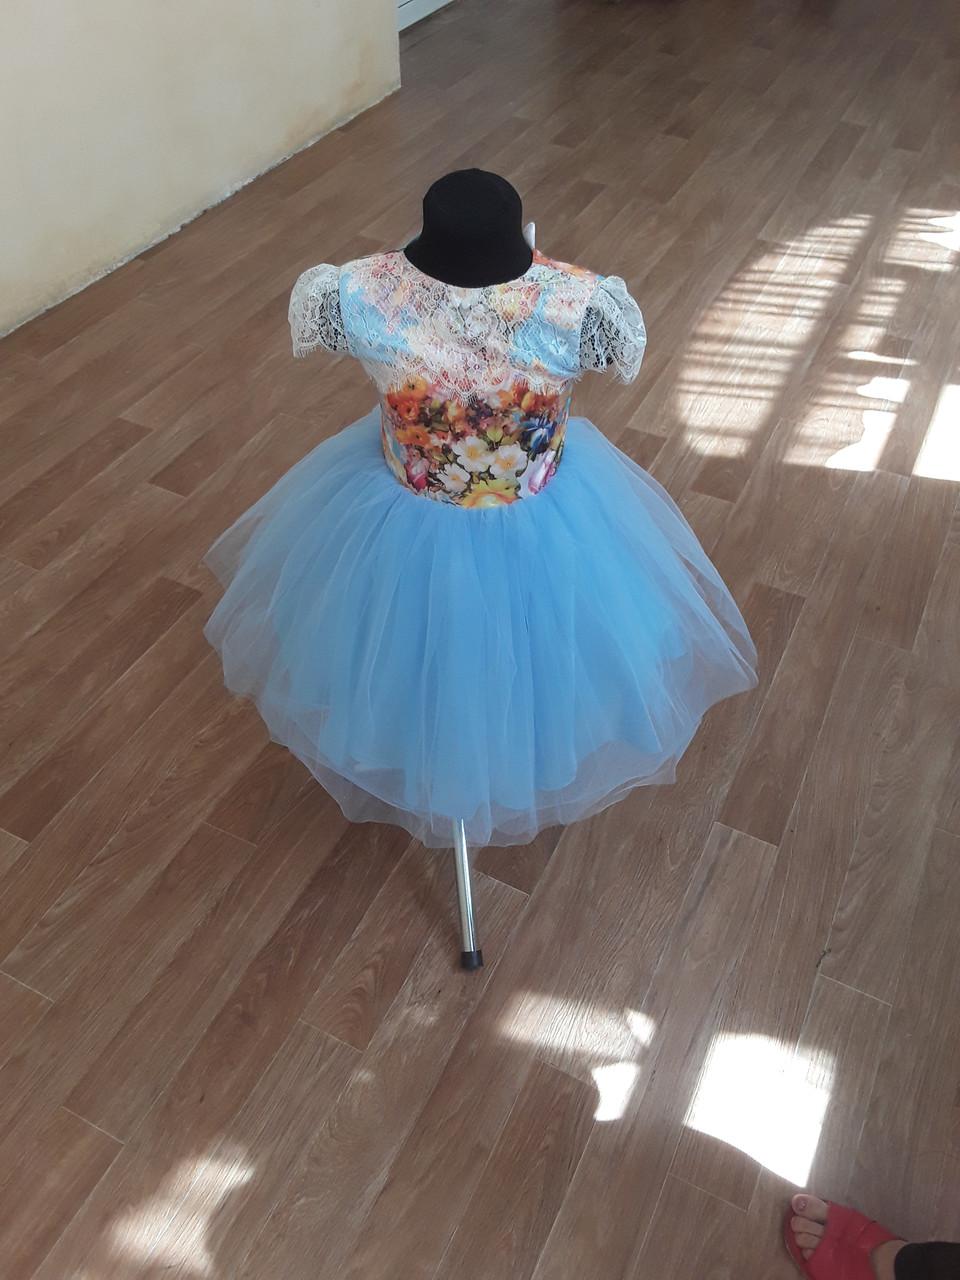 Дитяче плаття - мереживо шаньтильи, будь-який розмір.